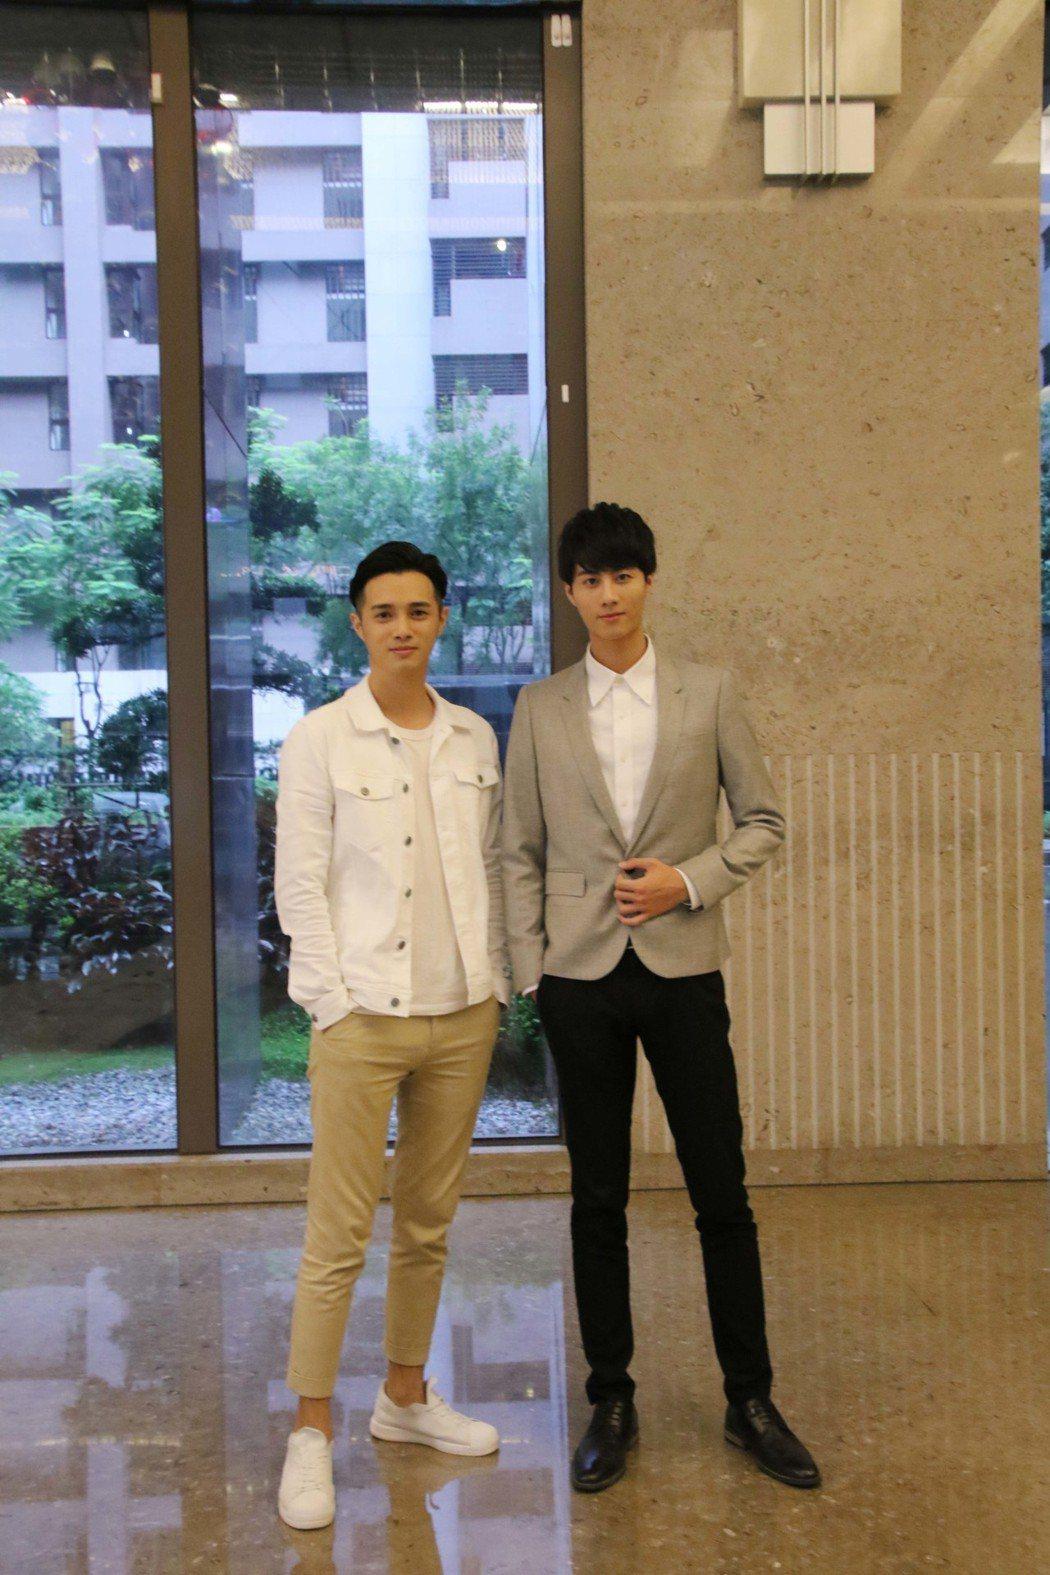 新生代演員連子淳(左)、王毓翔分別演過本土劇、BL劇,表現突出。圖/星和醫美提供